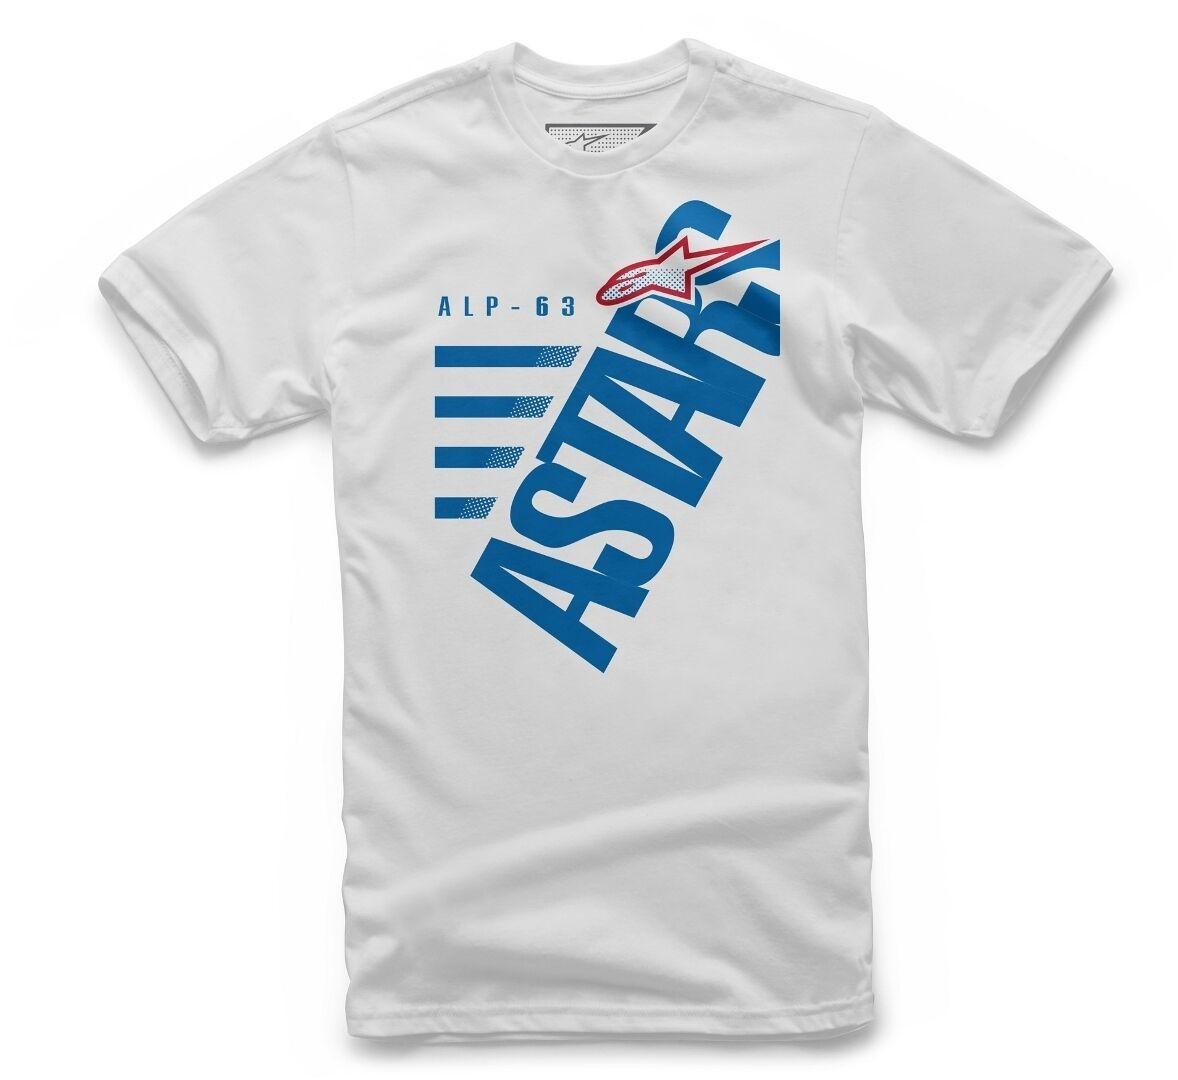 Alpinestars Bigun Tee Kids T-Shirt White M